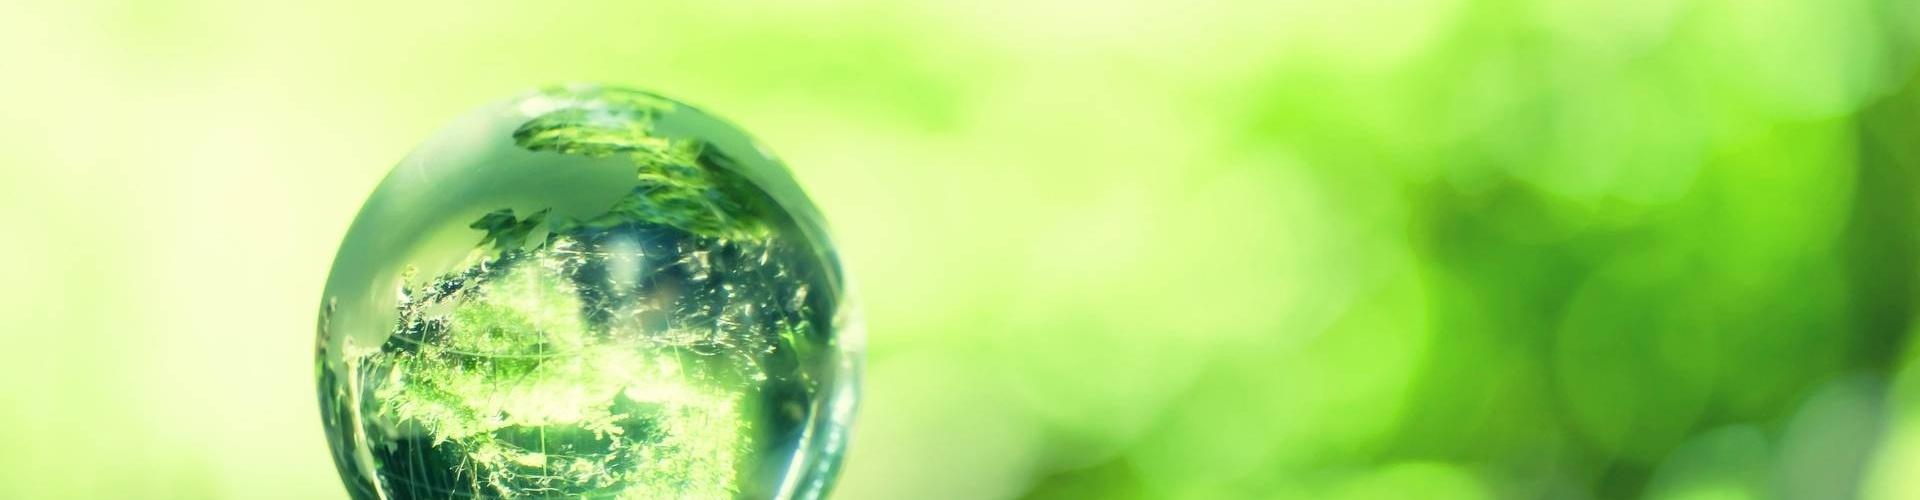 La Casalinda | Green Economy